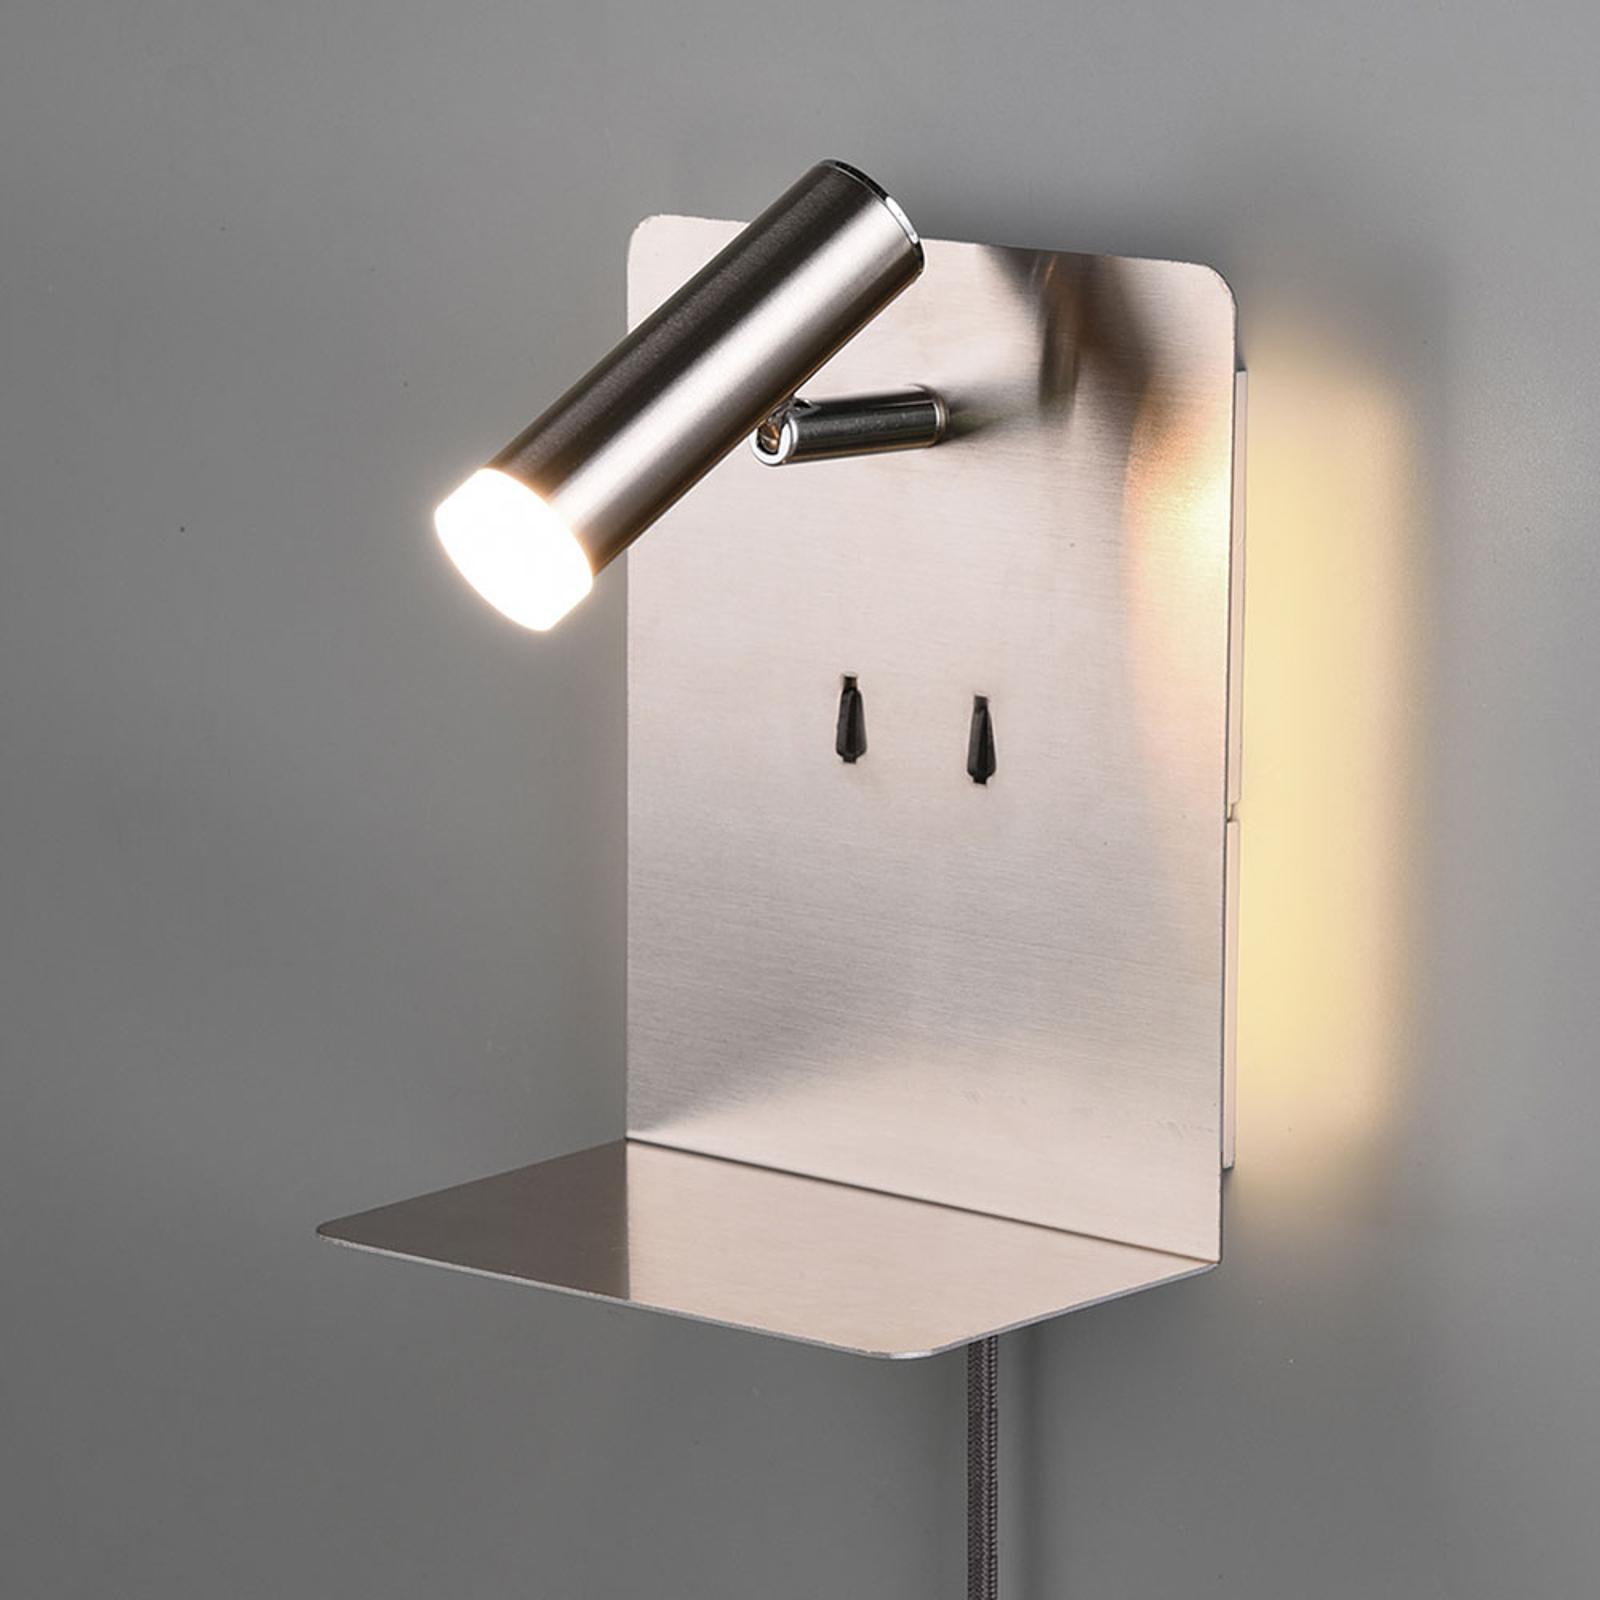 LED-vegglampe Element med lager, nikkel svart